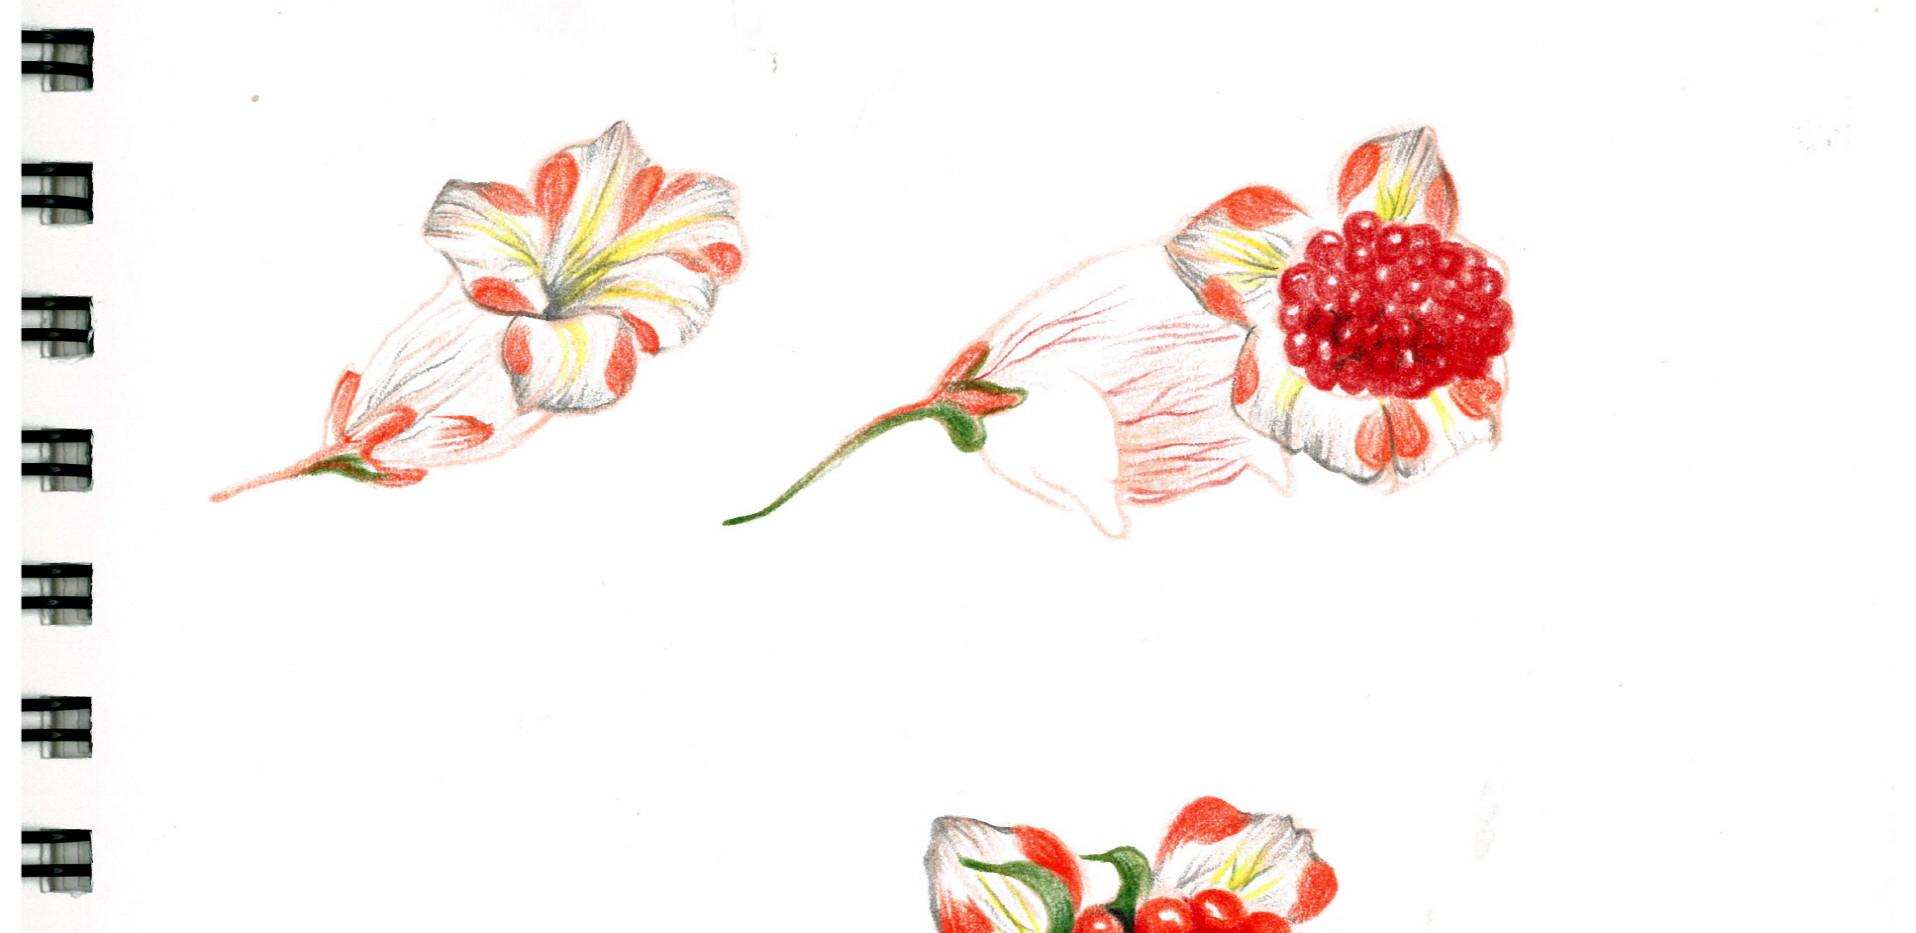 김영래, <하트마우스베리꽃>, drawing